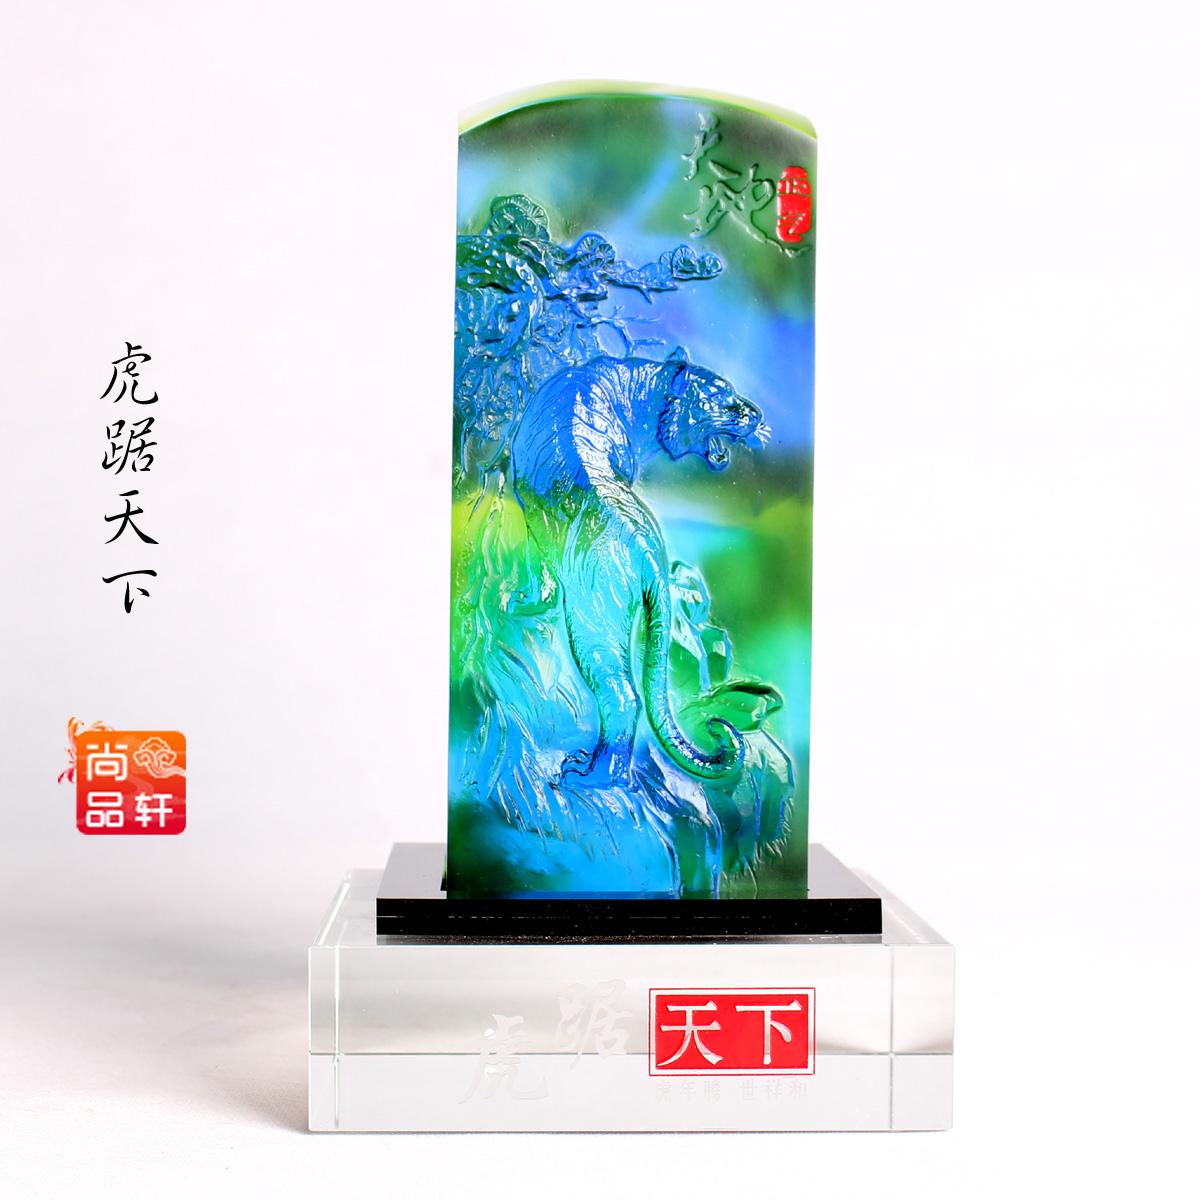 尚品轩家居专营店_FRAZER/挥洒品牌